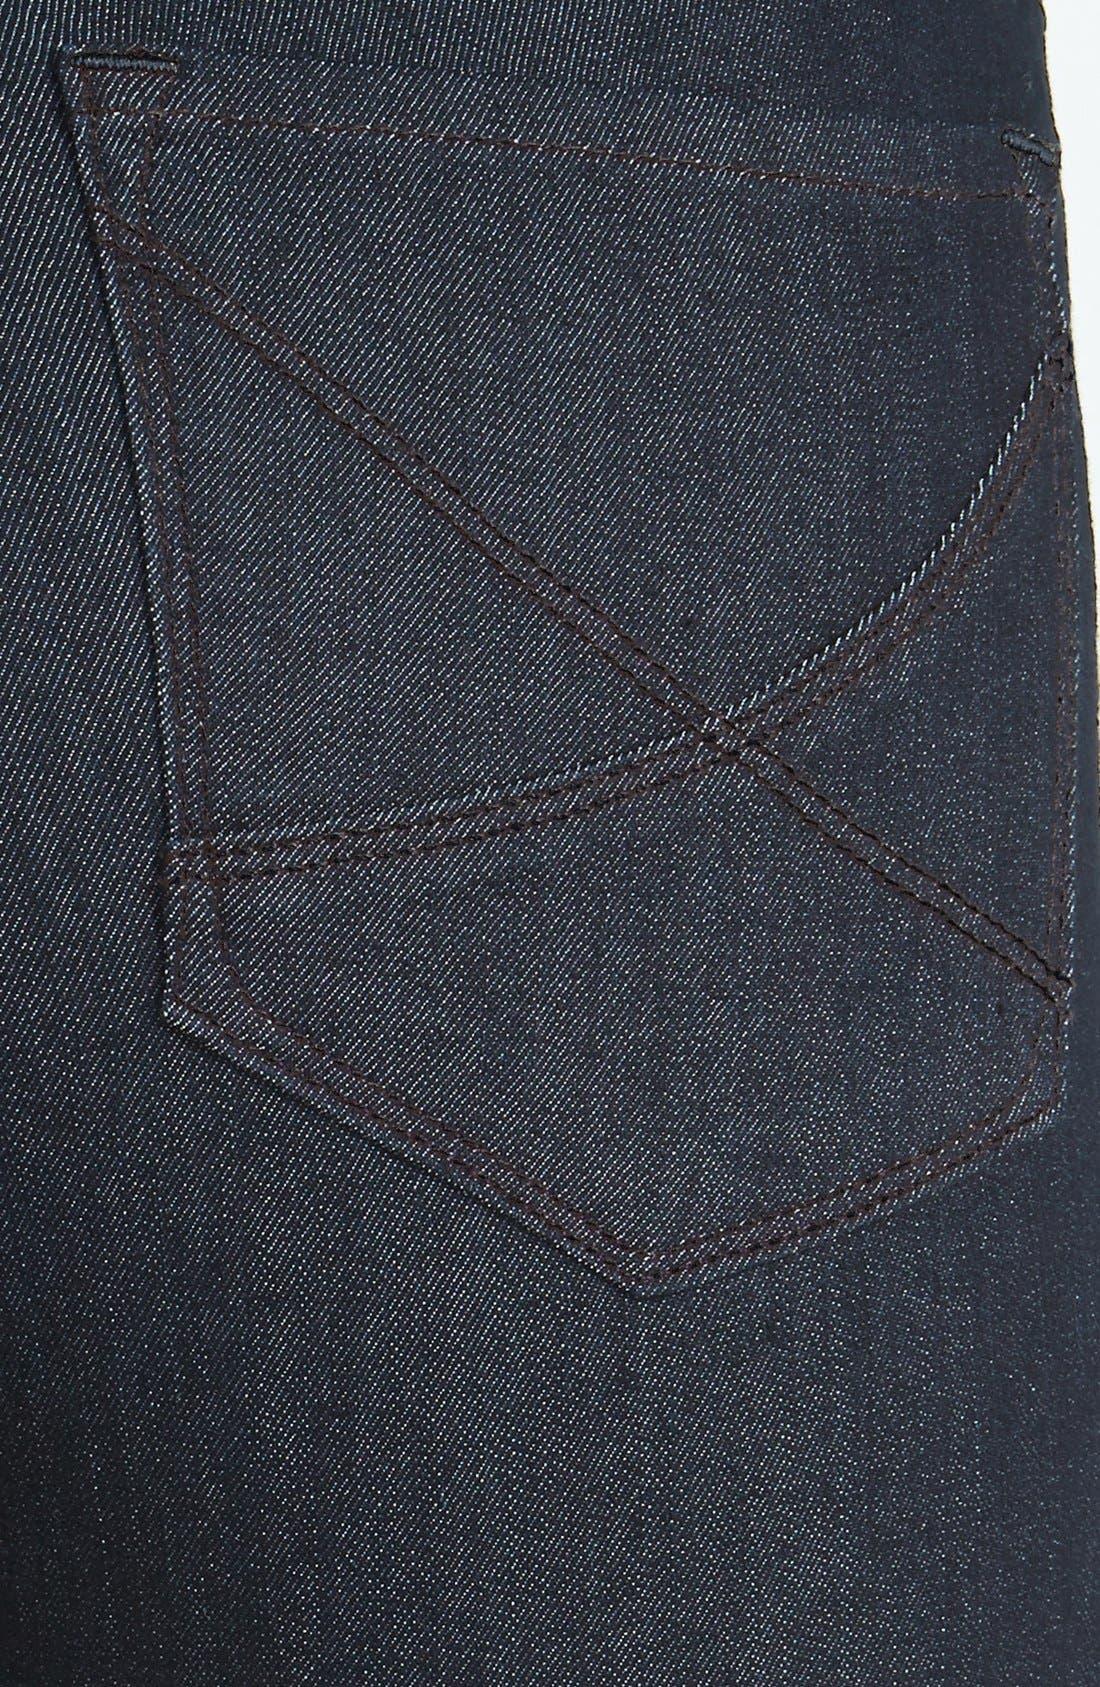 Alternate Image 3  - NYDJ 'Ami' Contrast Stitch Stretch Skinny Jeans (Dark Enzyme)